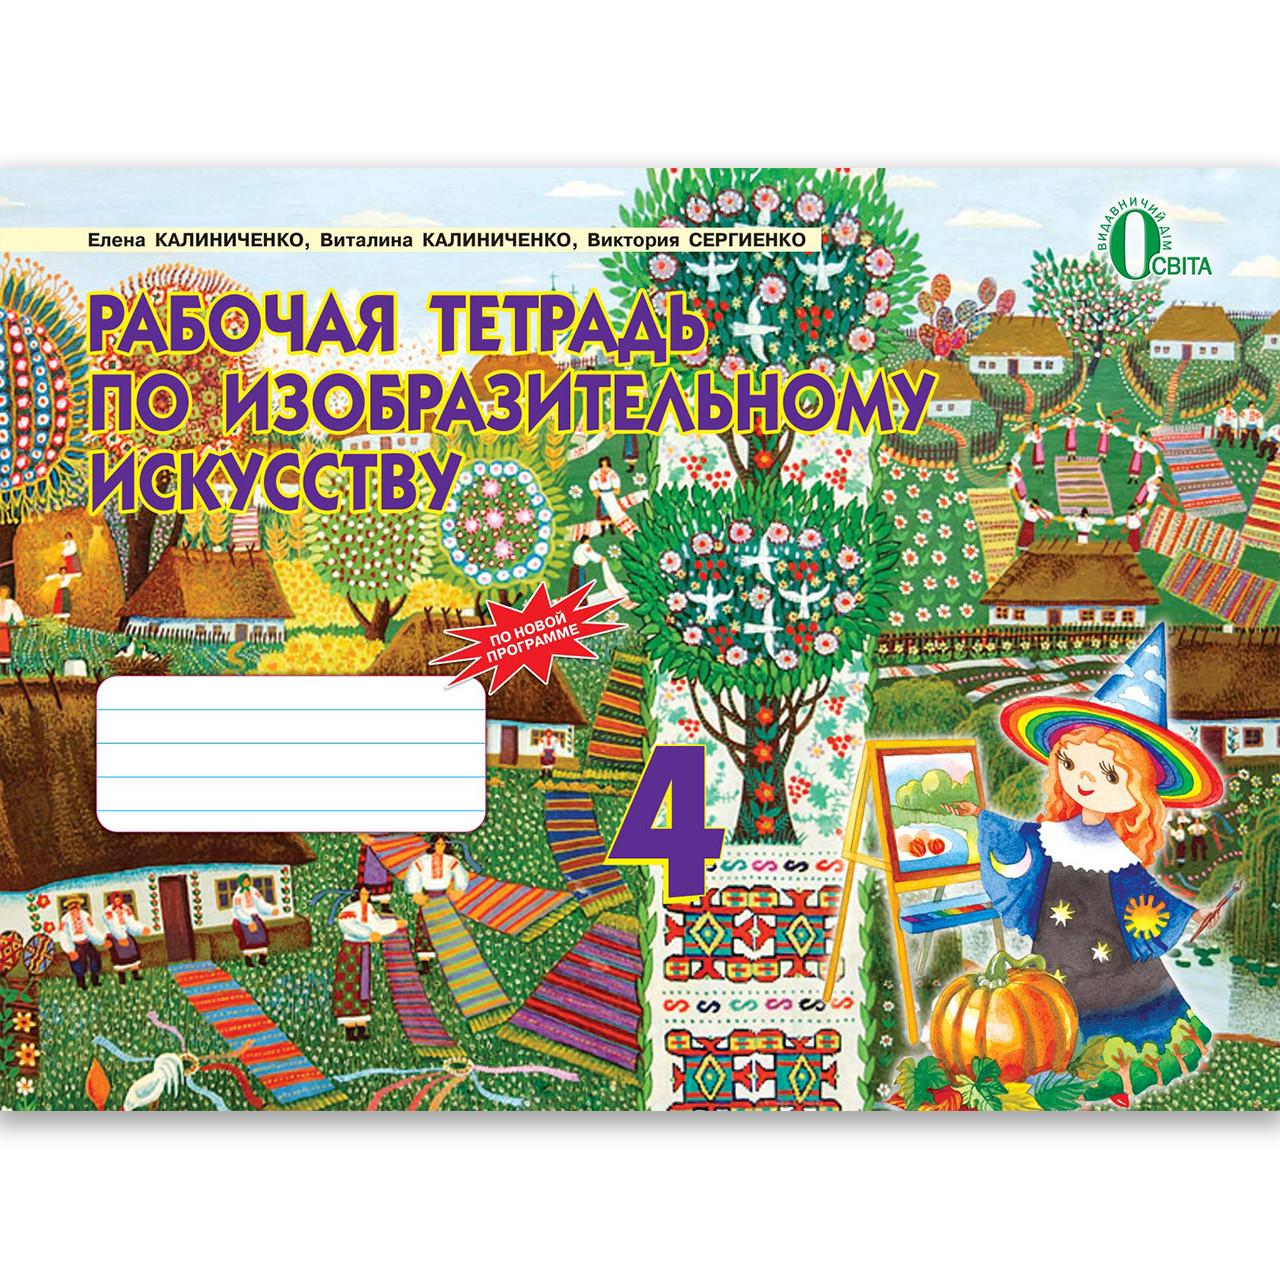 Альбом Изобразительное искусство 4 класс Авт: Калиниченко Е. Изд: Освіта